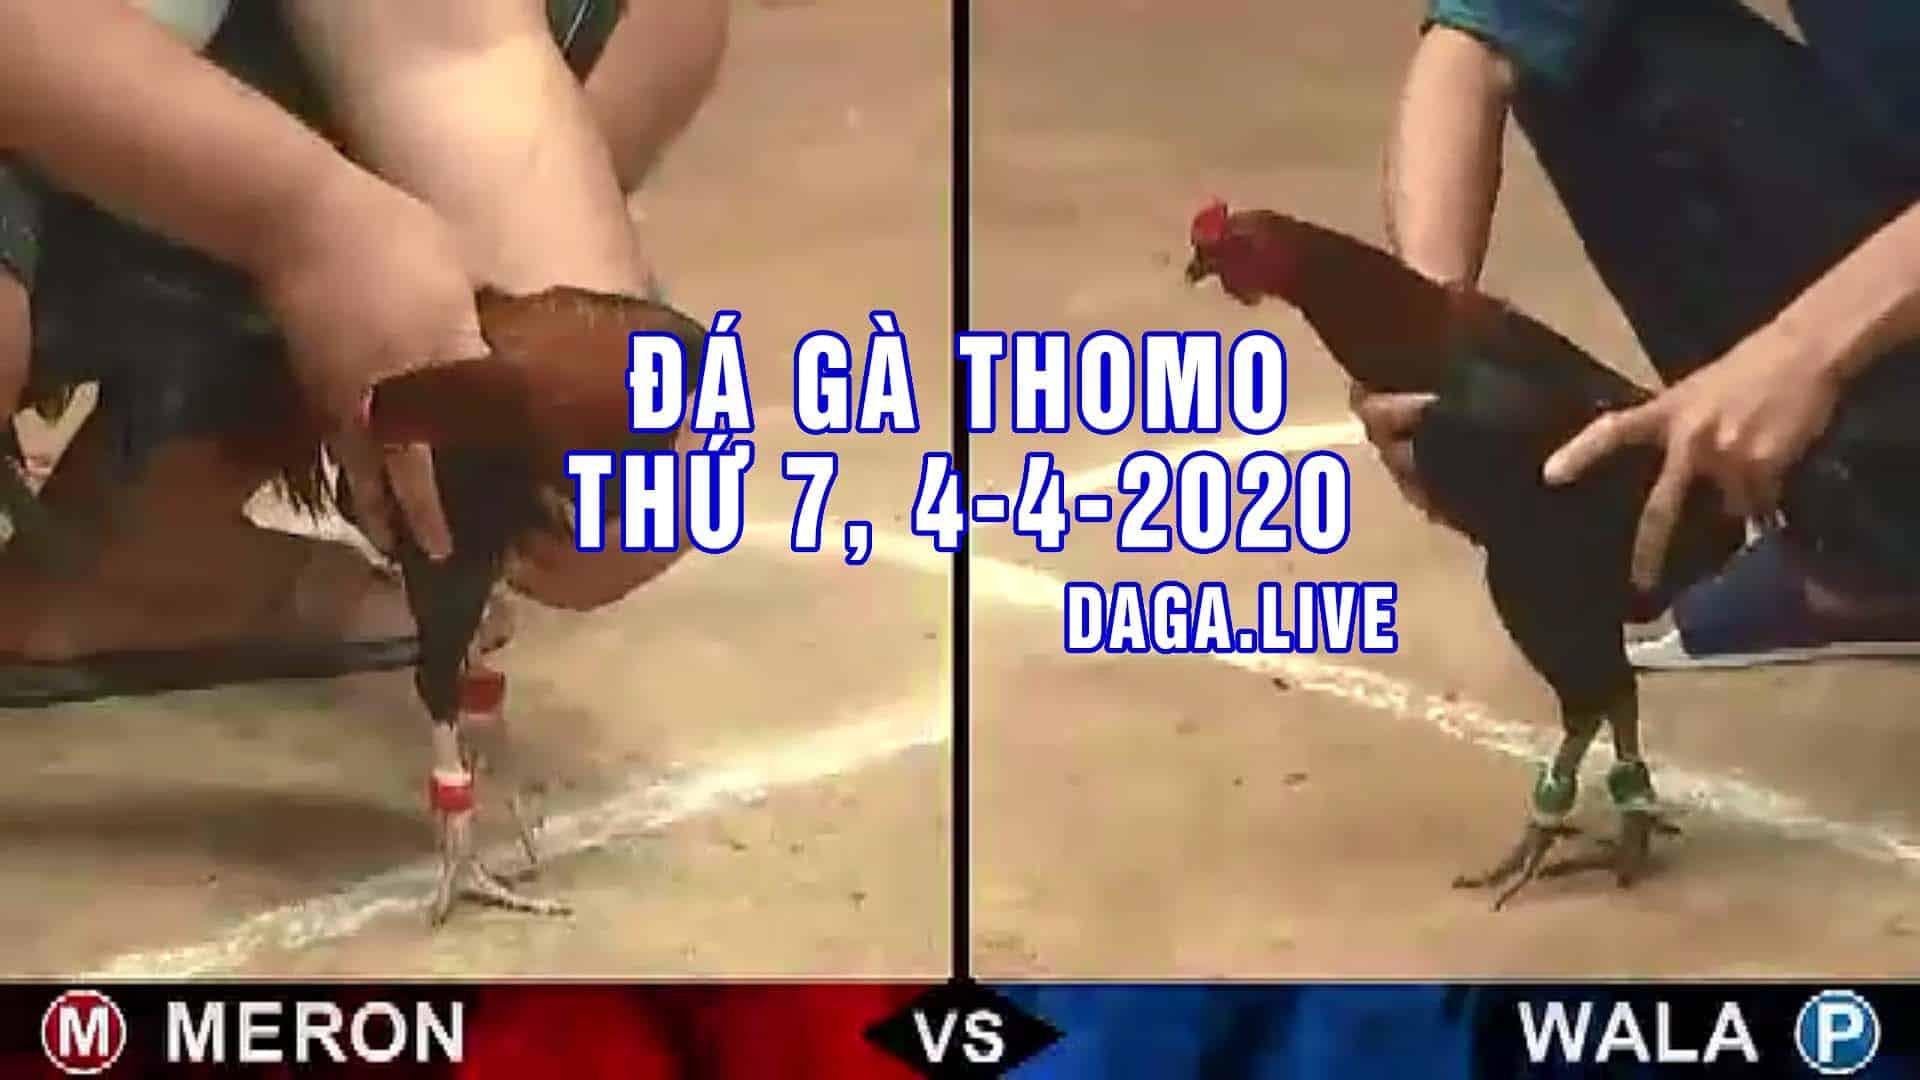 DAGA.LIVE - Đá gà thomo hôm nay, đá gà trực tiếp, đá gà campuchia, đá gà cựa sắt thứ 7 ngày 4-4-2020